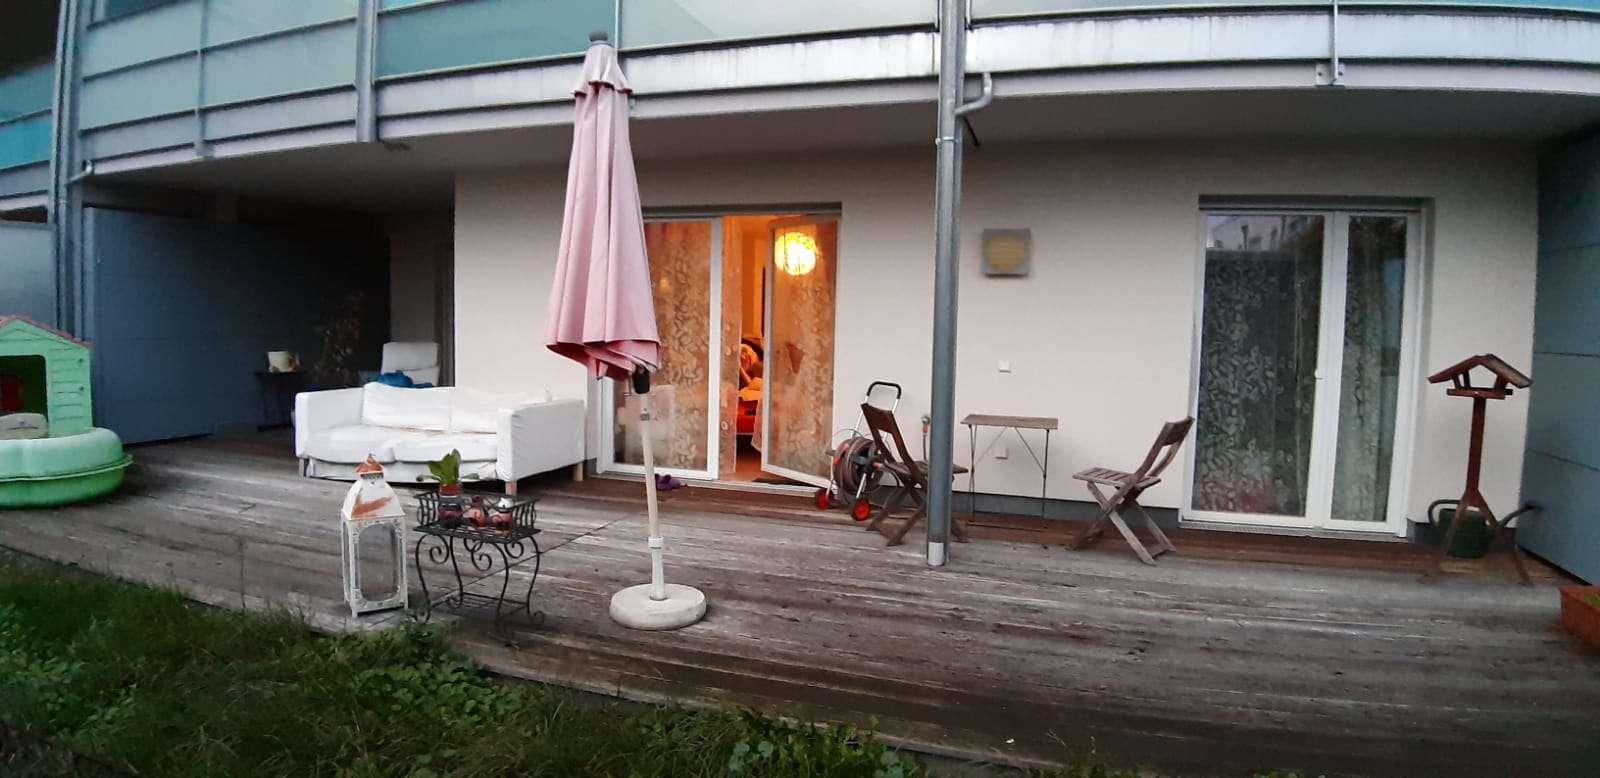 Großzügige 2-Zimmer-EG-Wohnung mit Terrasse und Garten in Erlangen Röthelheimpark in Erlangen Süd (Erlangen)